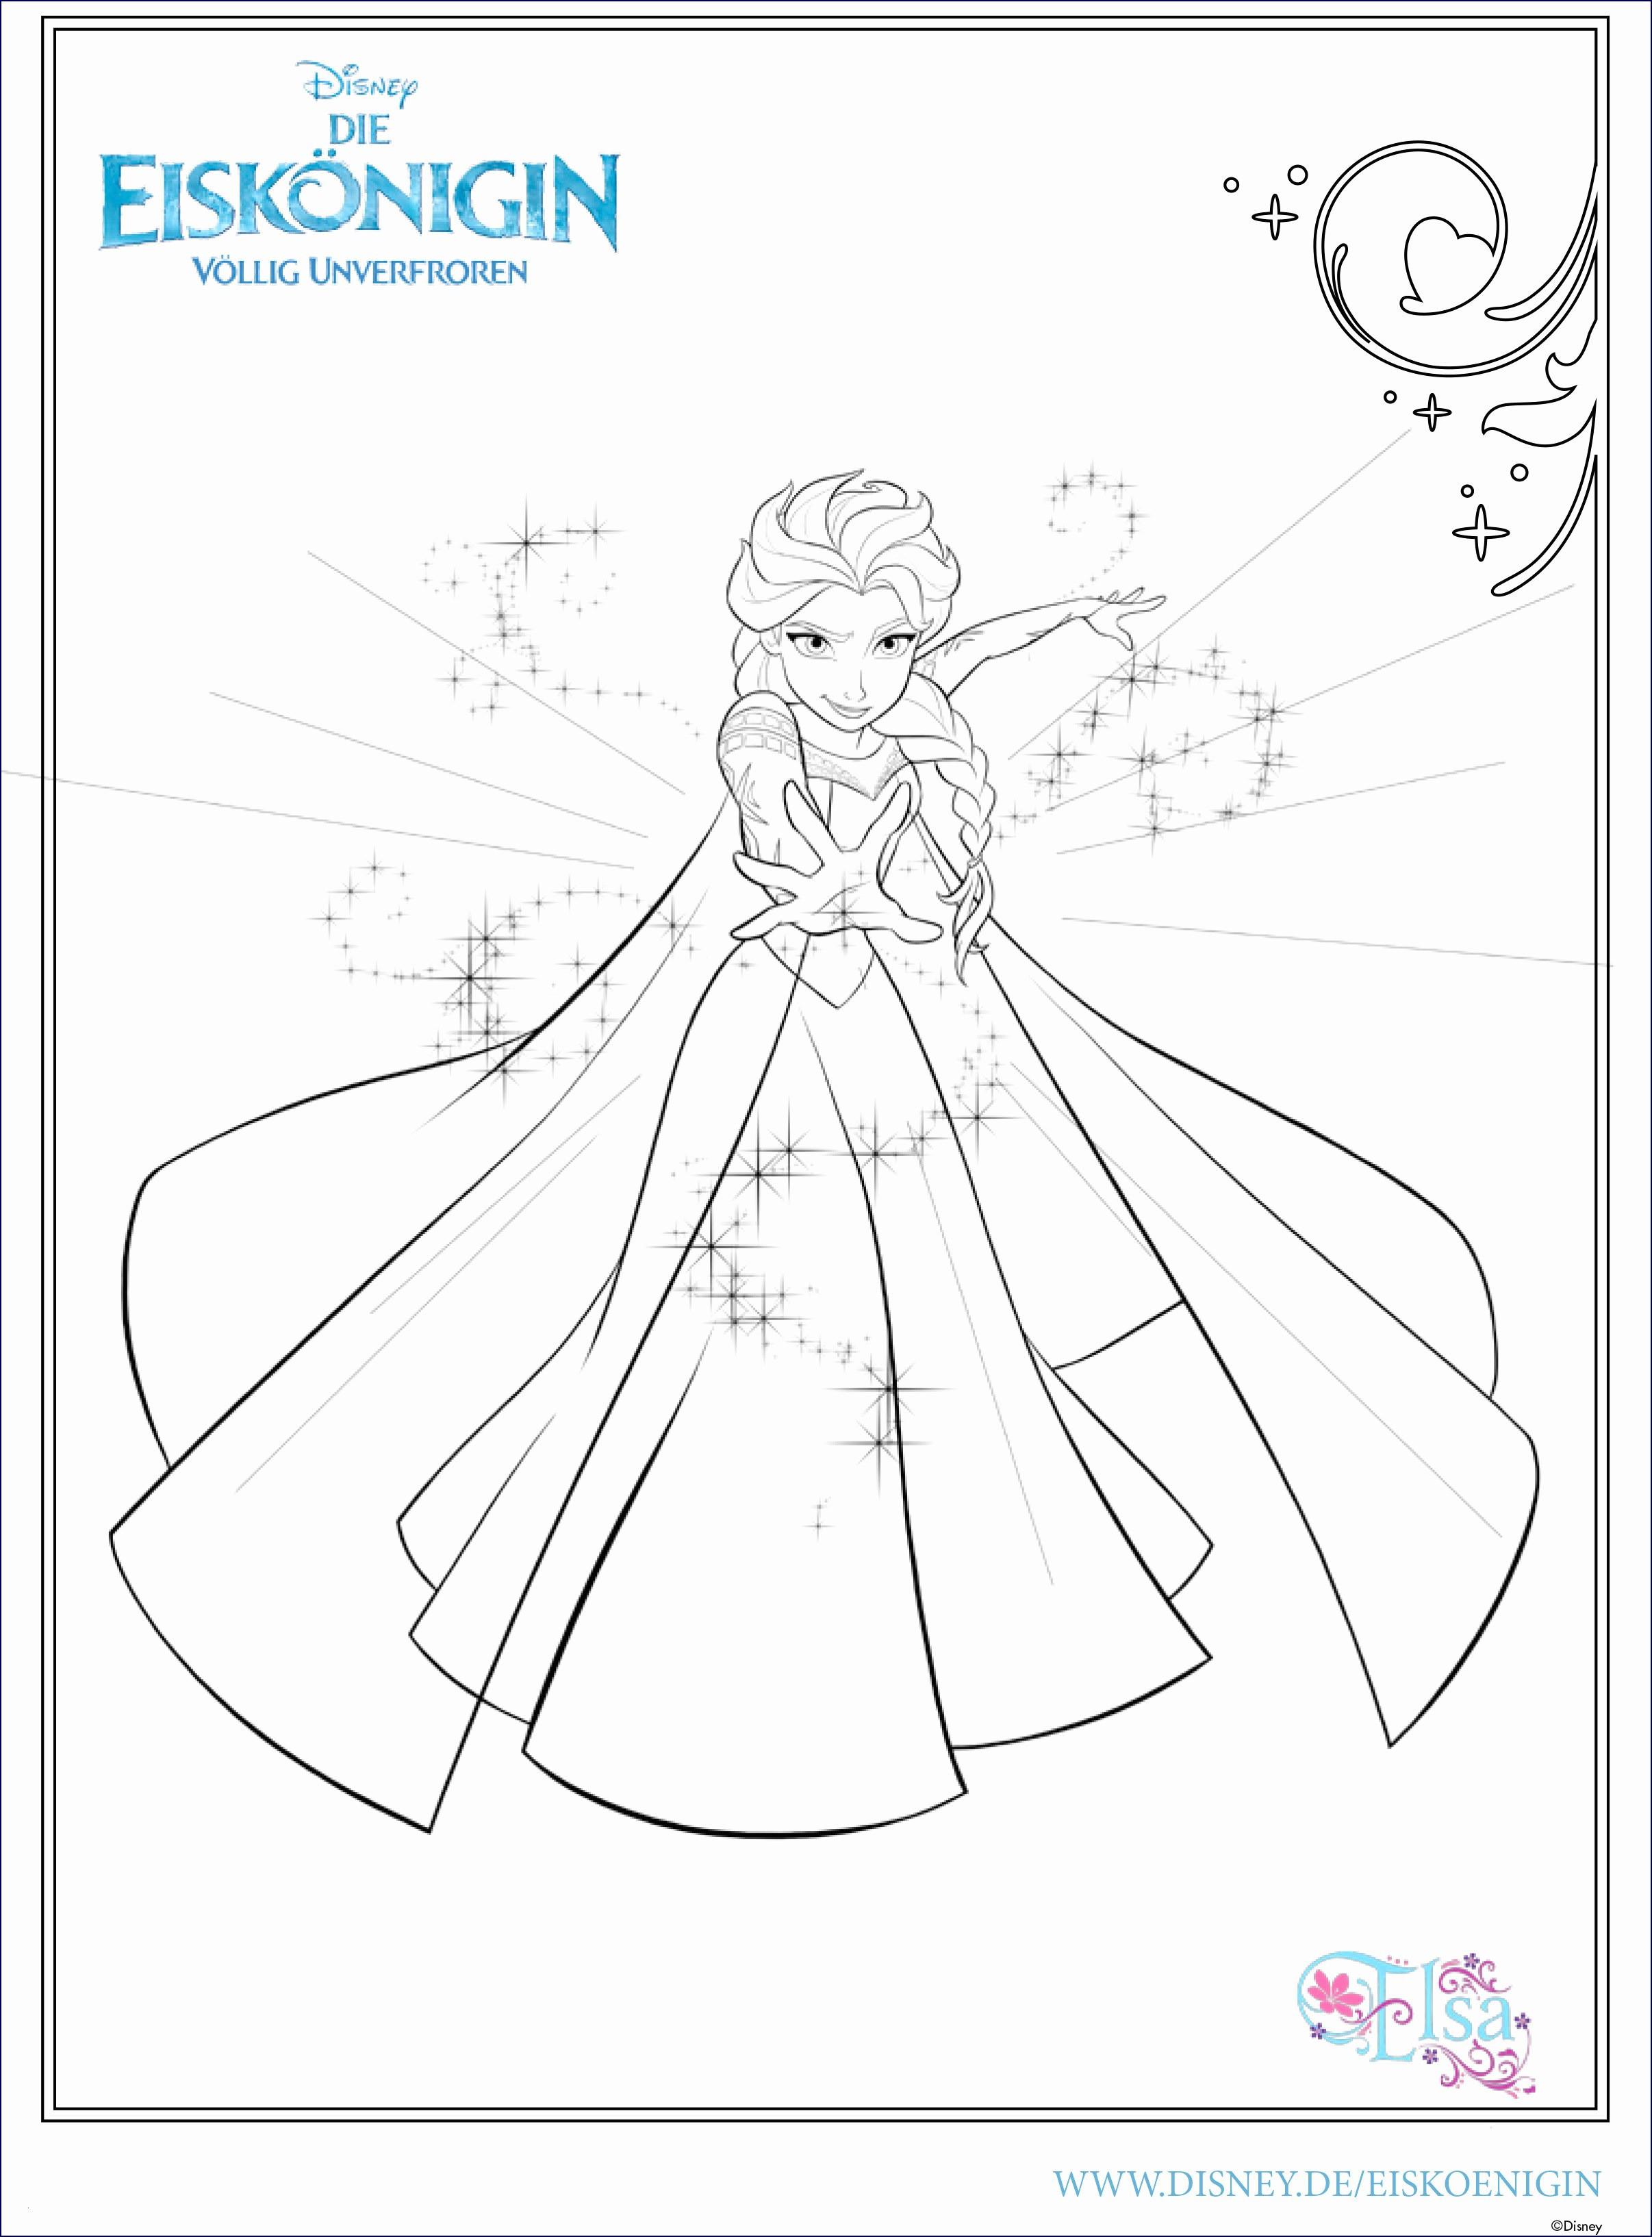 Ausmalbilder Harry Potter Das Beste Von 38 Elsa Frozen Ausmalbilder Scoredatscore Elegant Harry Potter Sammlung